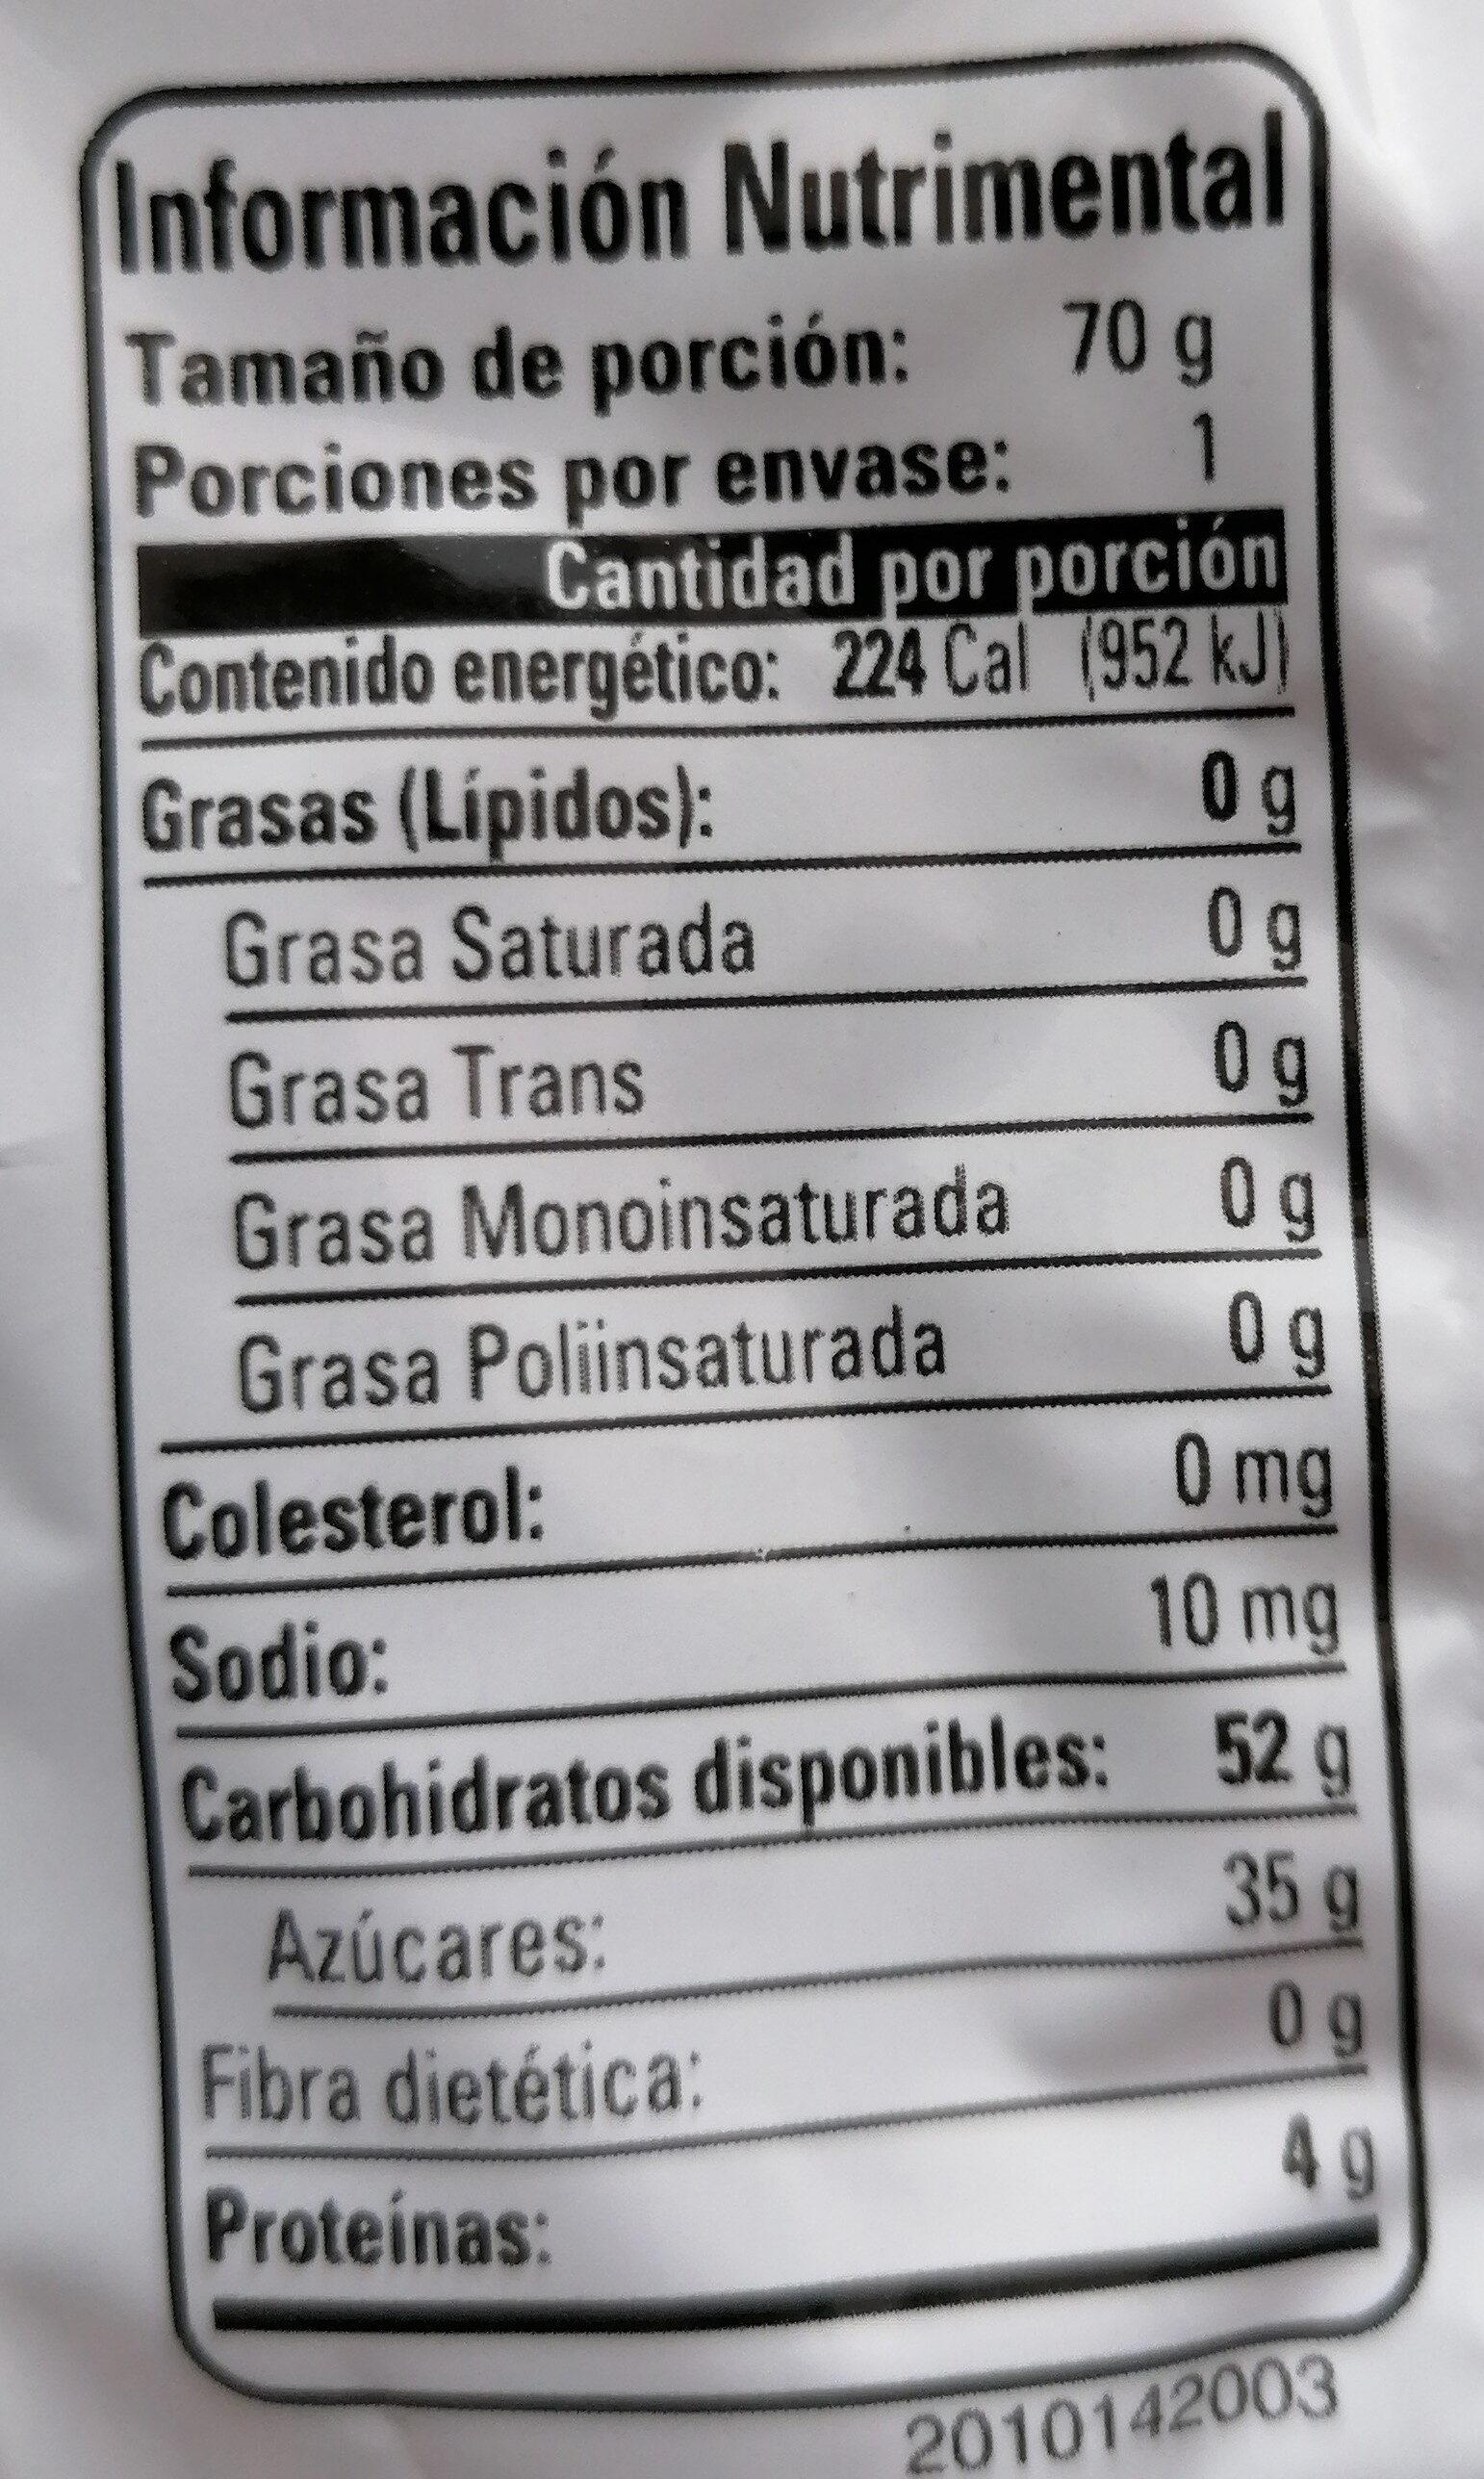 Panditas Clásicos - Información nutricional - es